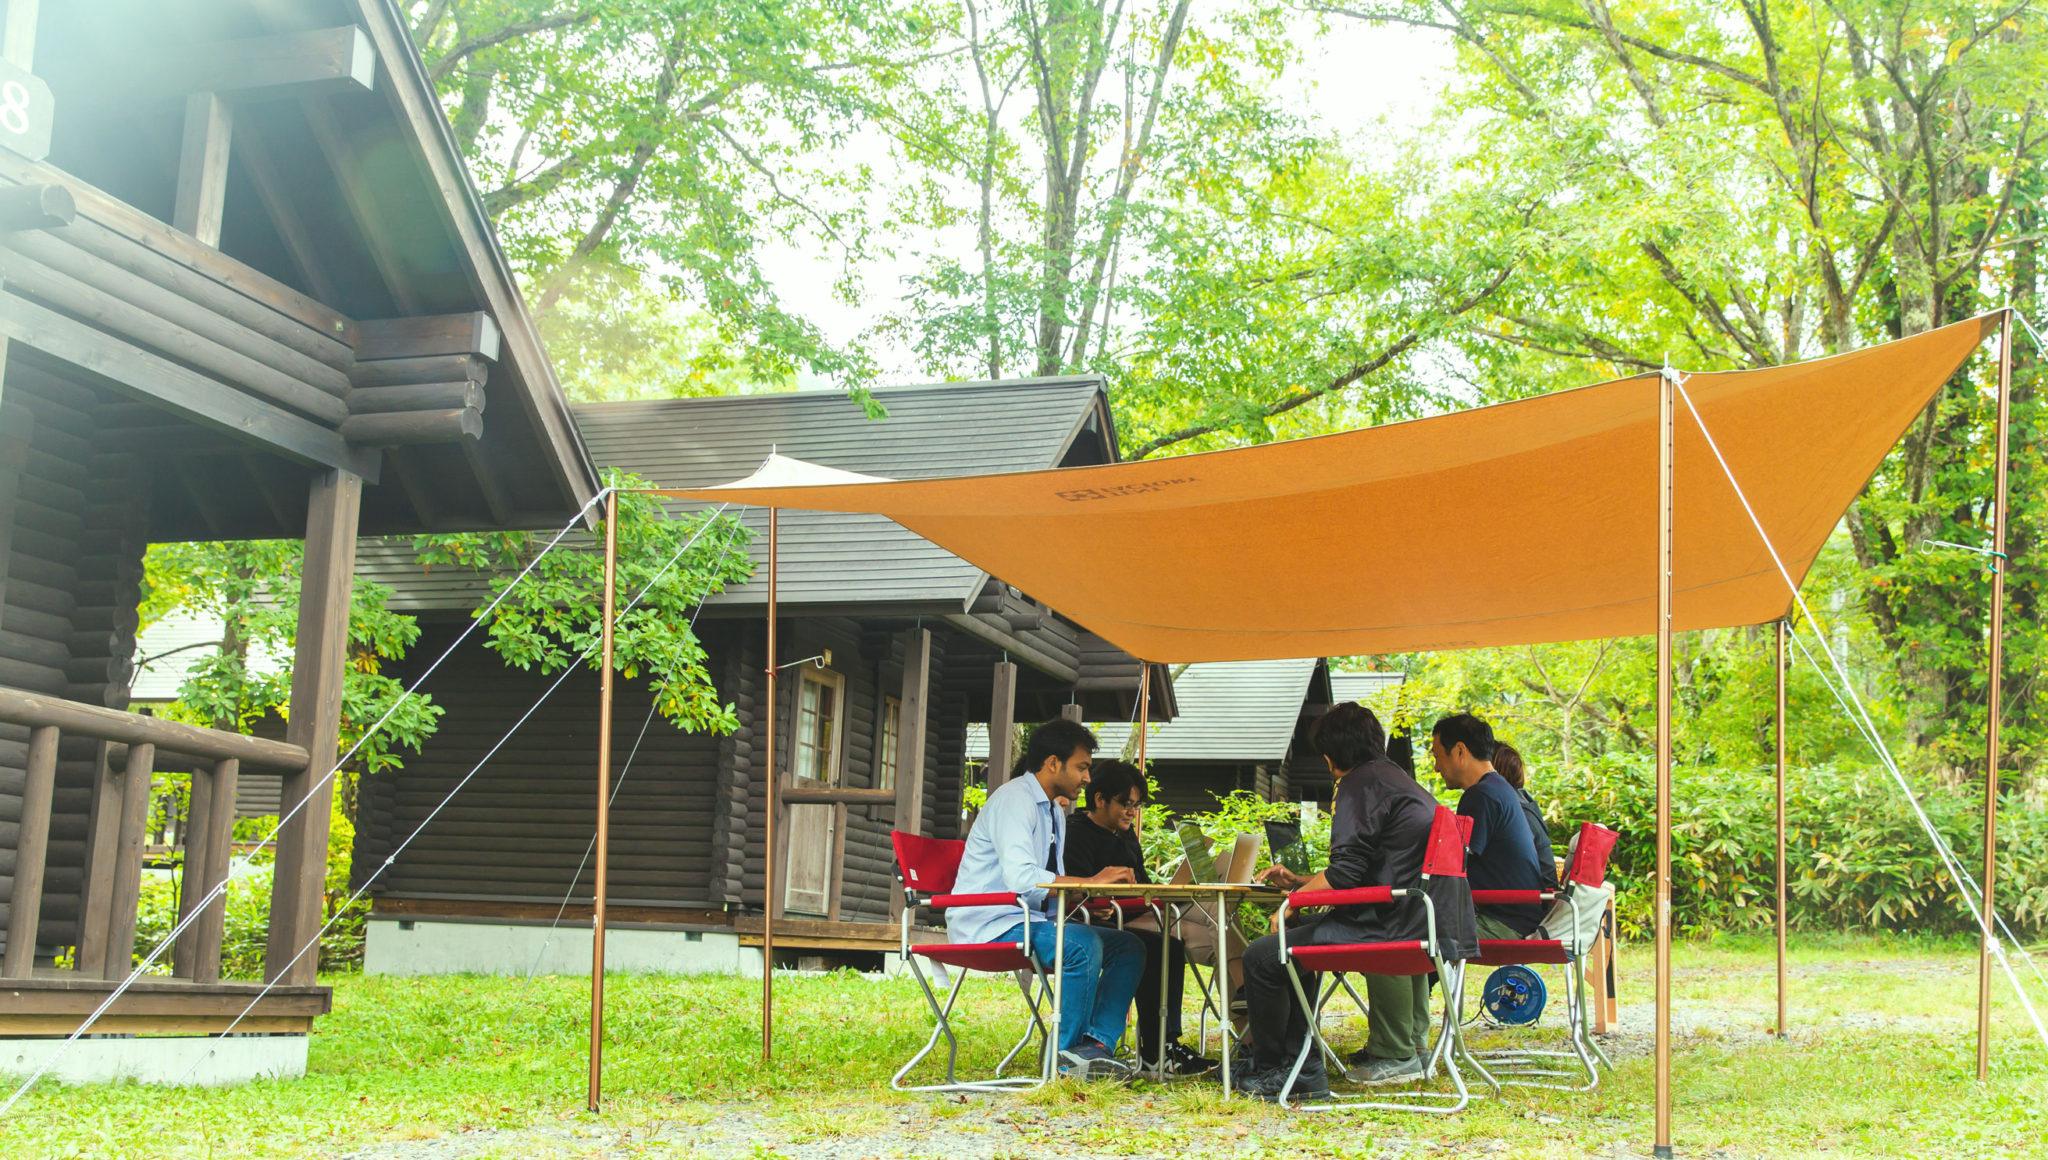 戸隠キャンプ場ワーケーションプラン|戸隠キャンプ場【公式】 | 長野市戸隠で歴史の地で楽しもう